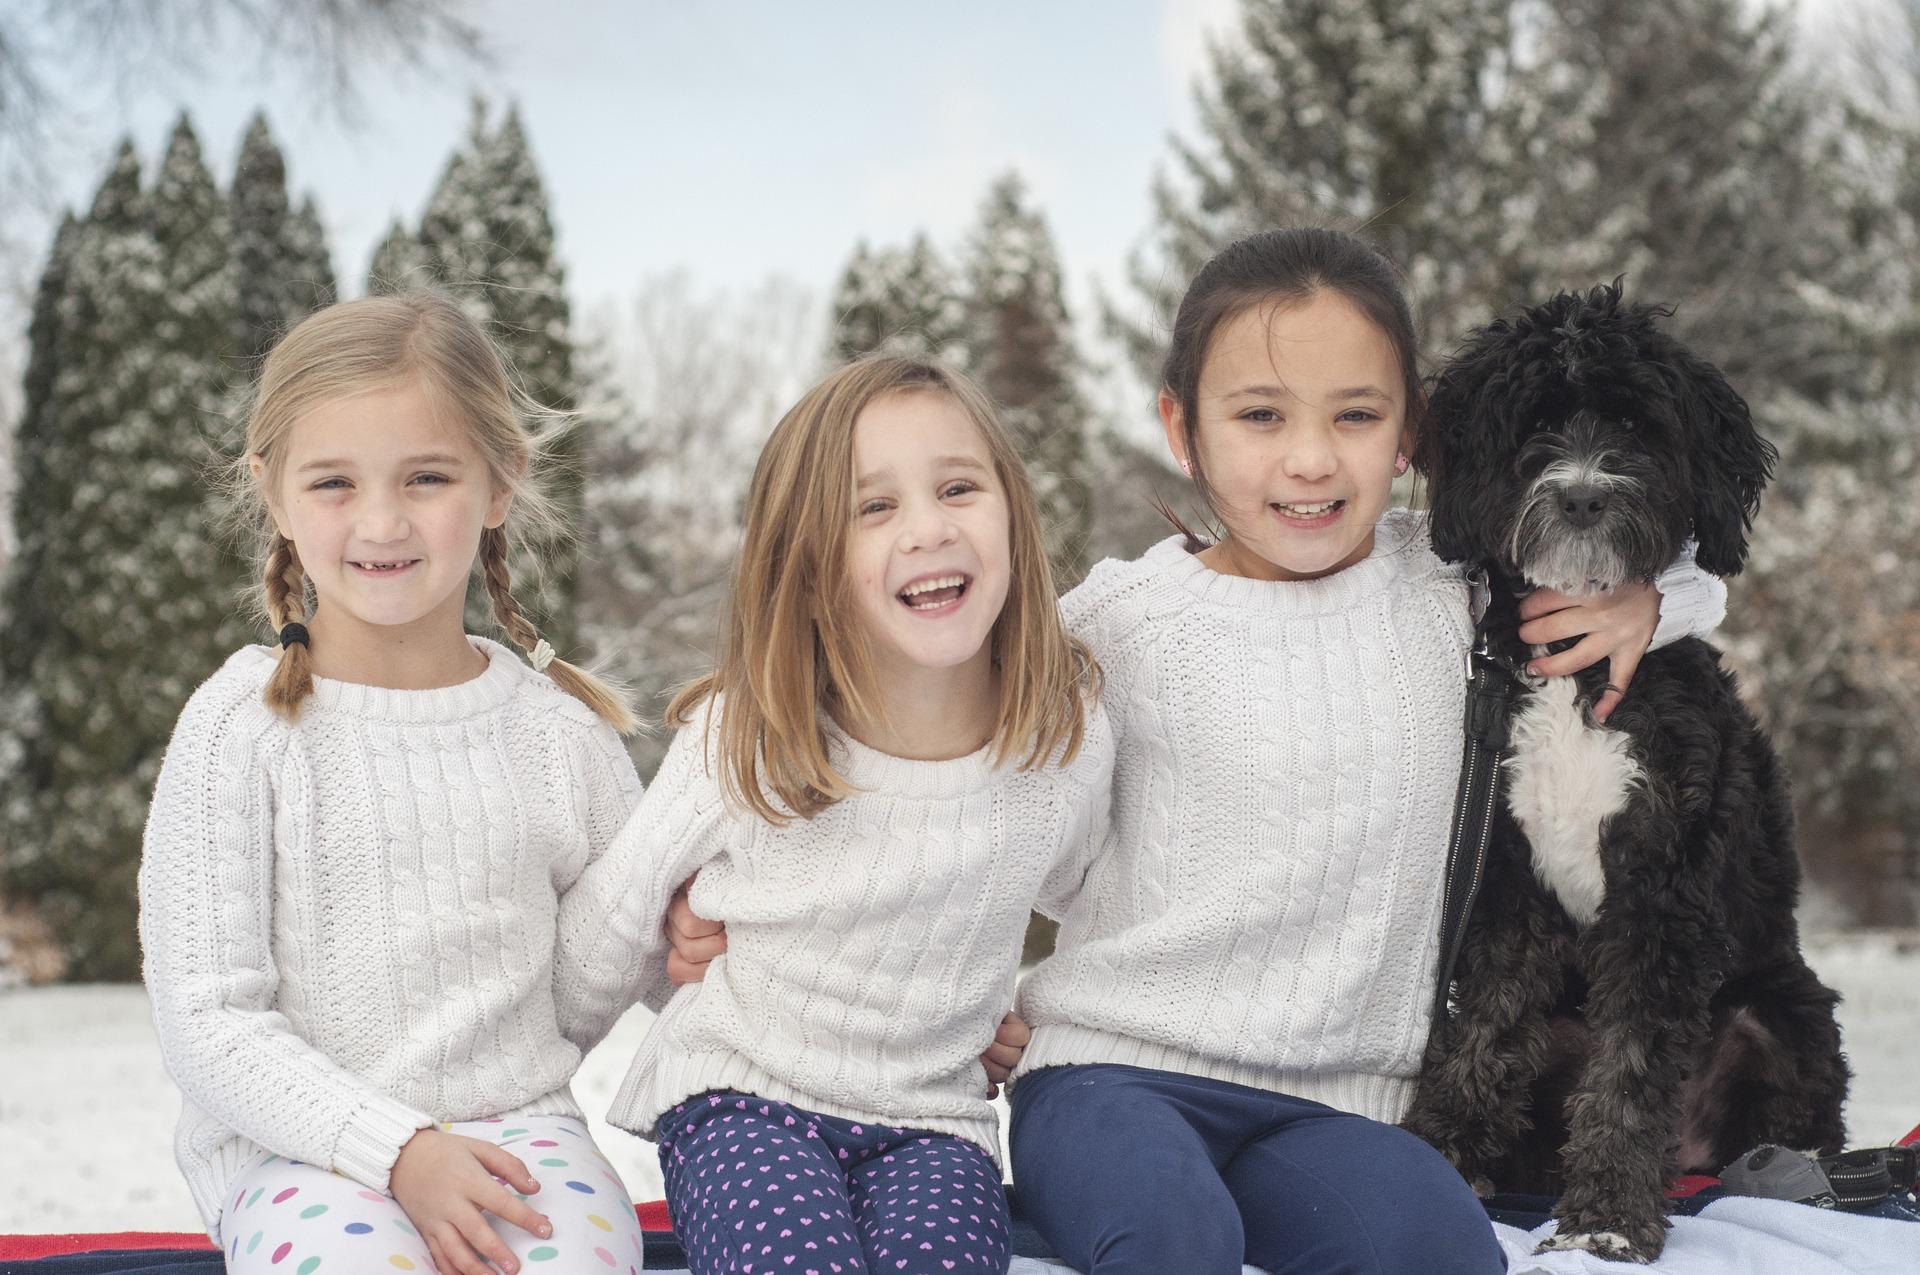 Сколько детей нужно для счастья: Самые многодетные семьи в России и в мире